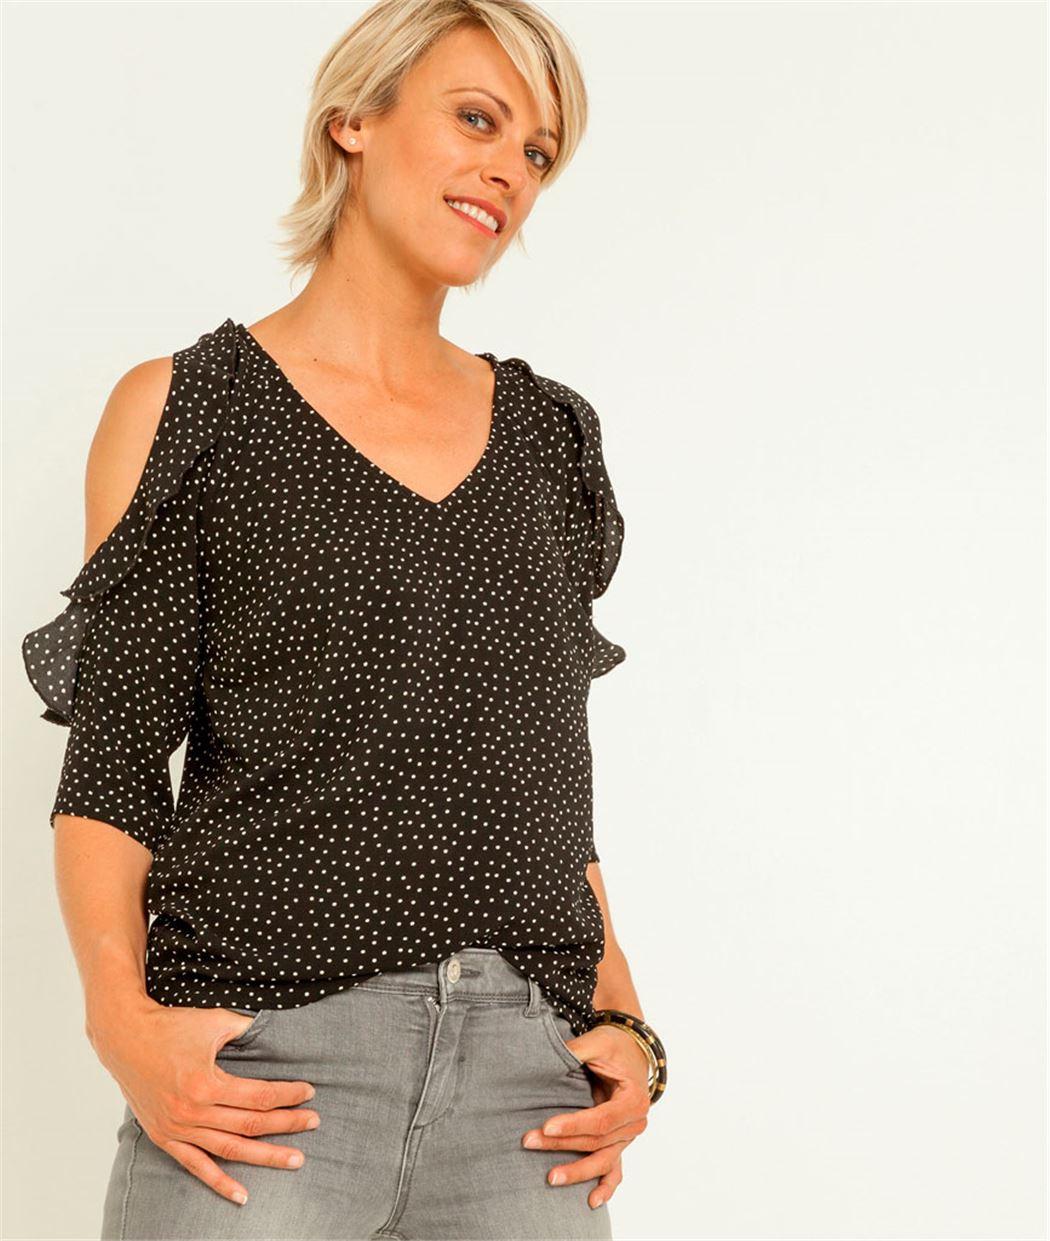 chemise femme pois et paules d nud es noir grain de malice. Black Bedroom Furniture Sets. Home Design Ideas